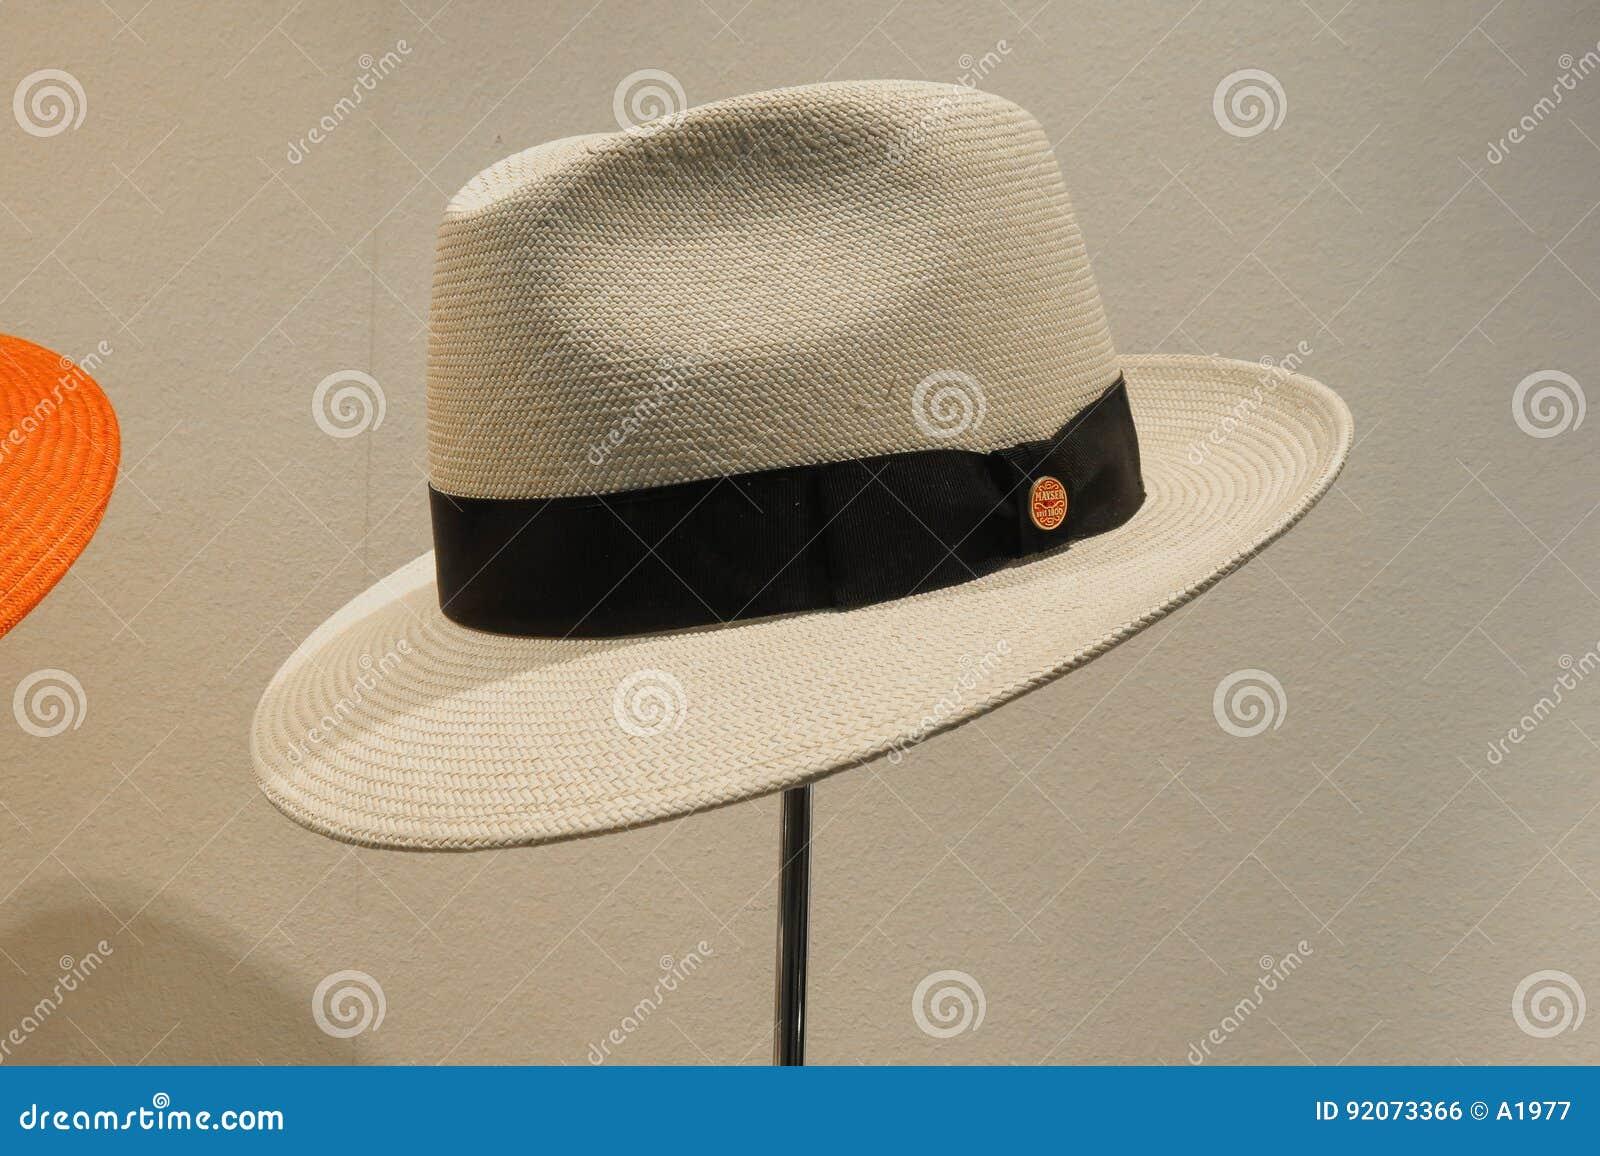 Sombrero De Panamá En La Exhibición Foto editorial - Imagen de ... 99350c025ce